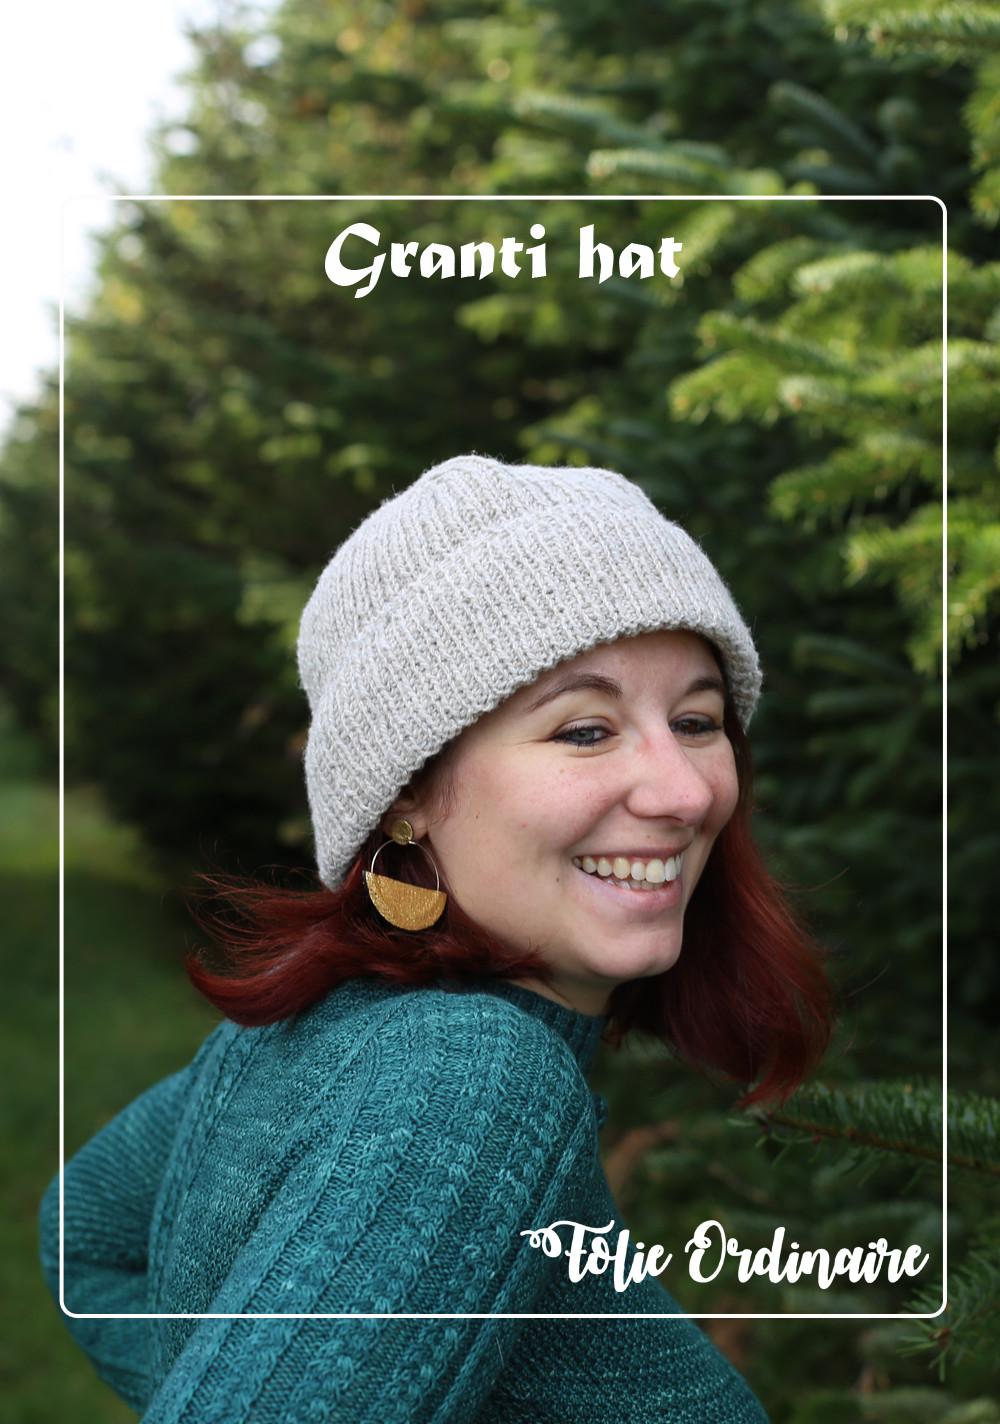 Epingle bonnet Granti pour la famille - Tricot par Folie 0rdinaire Design